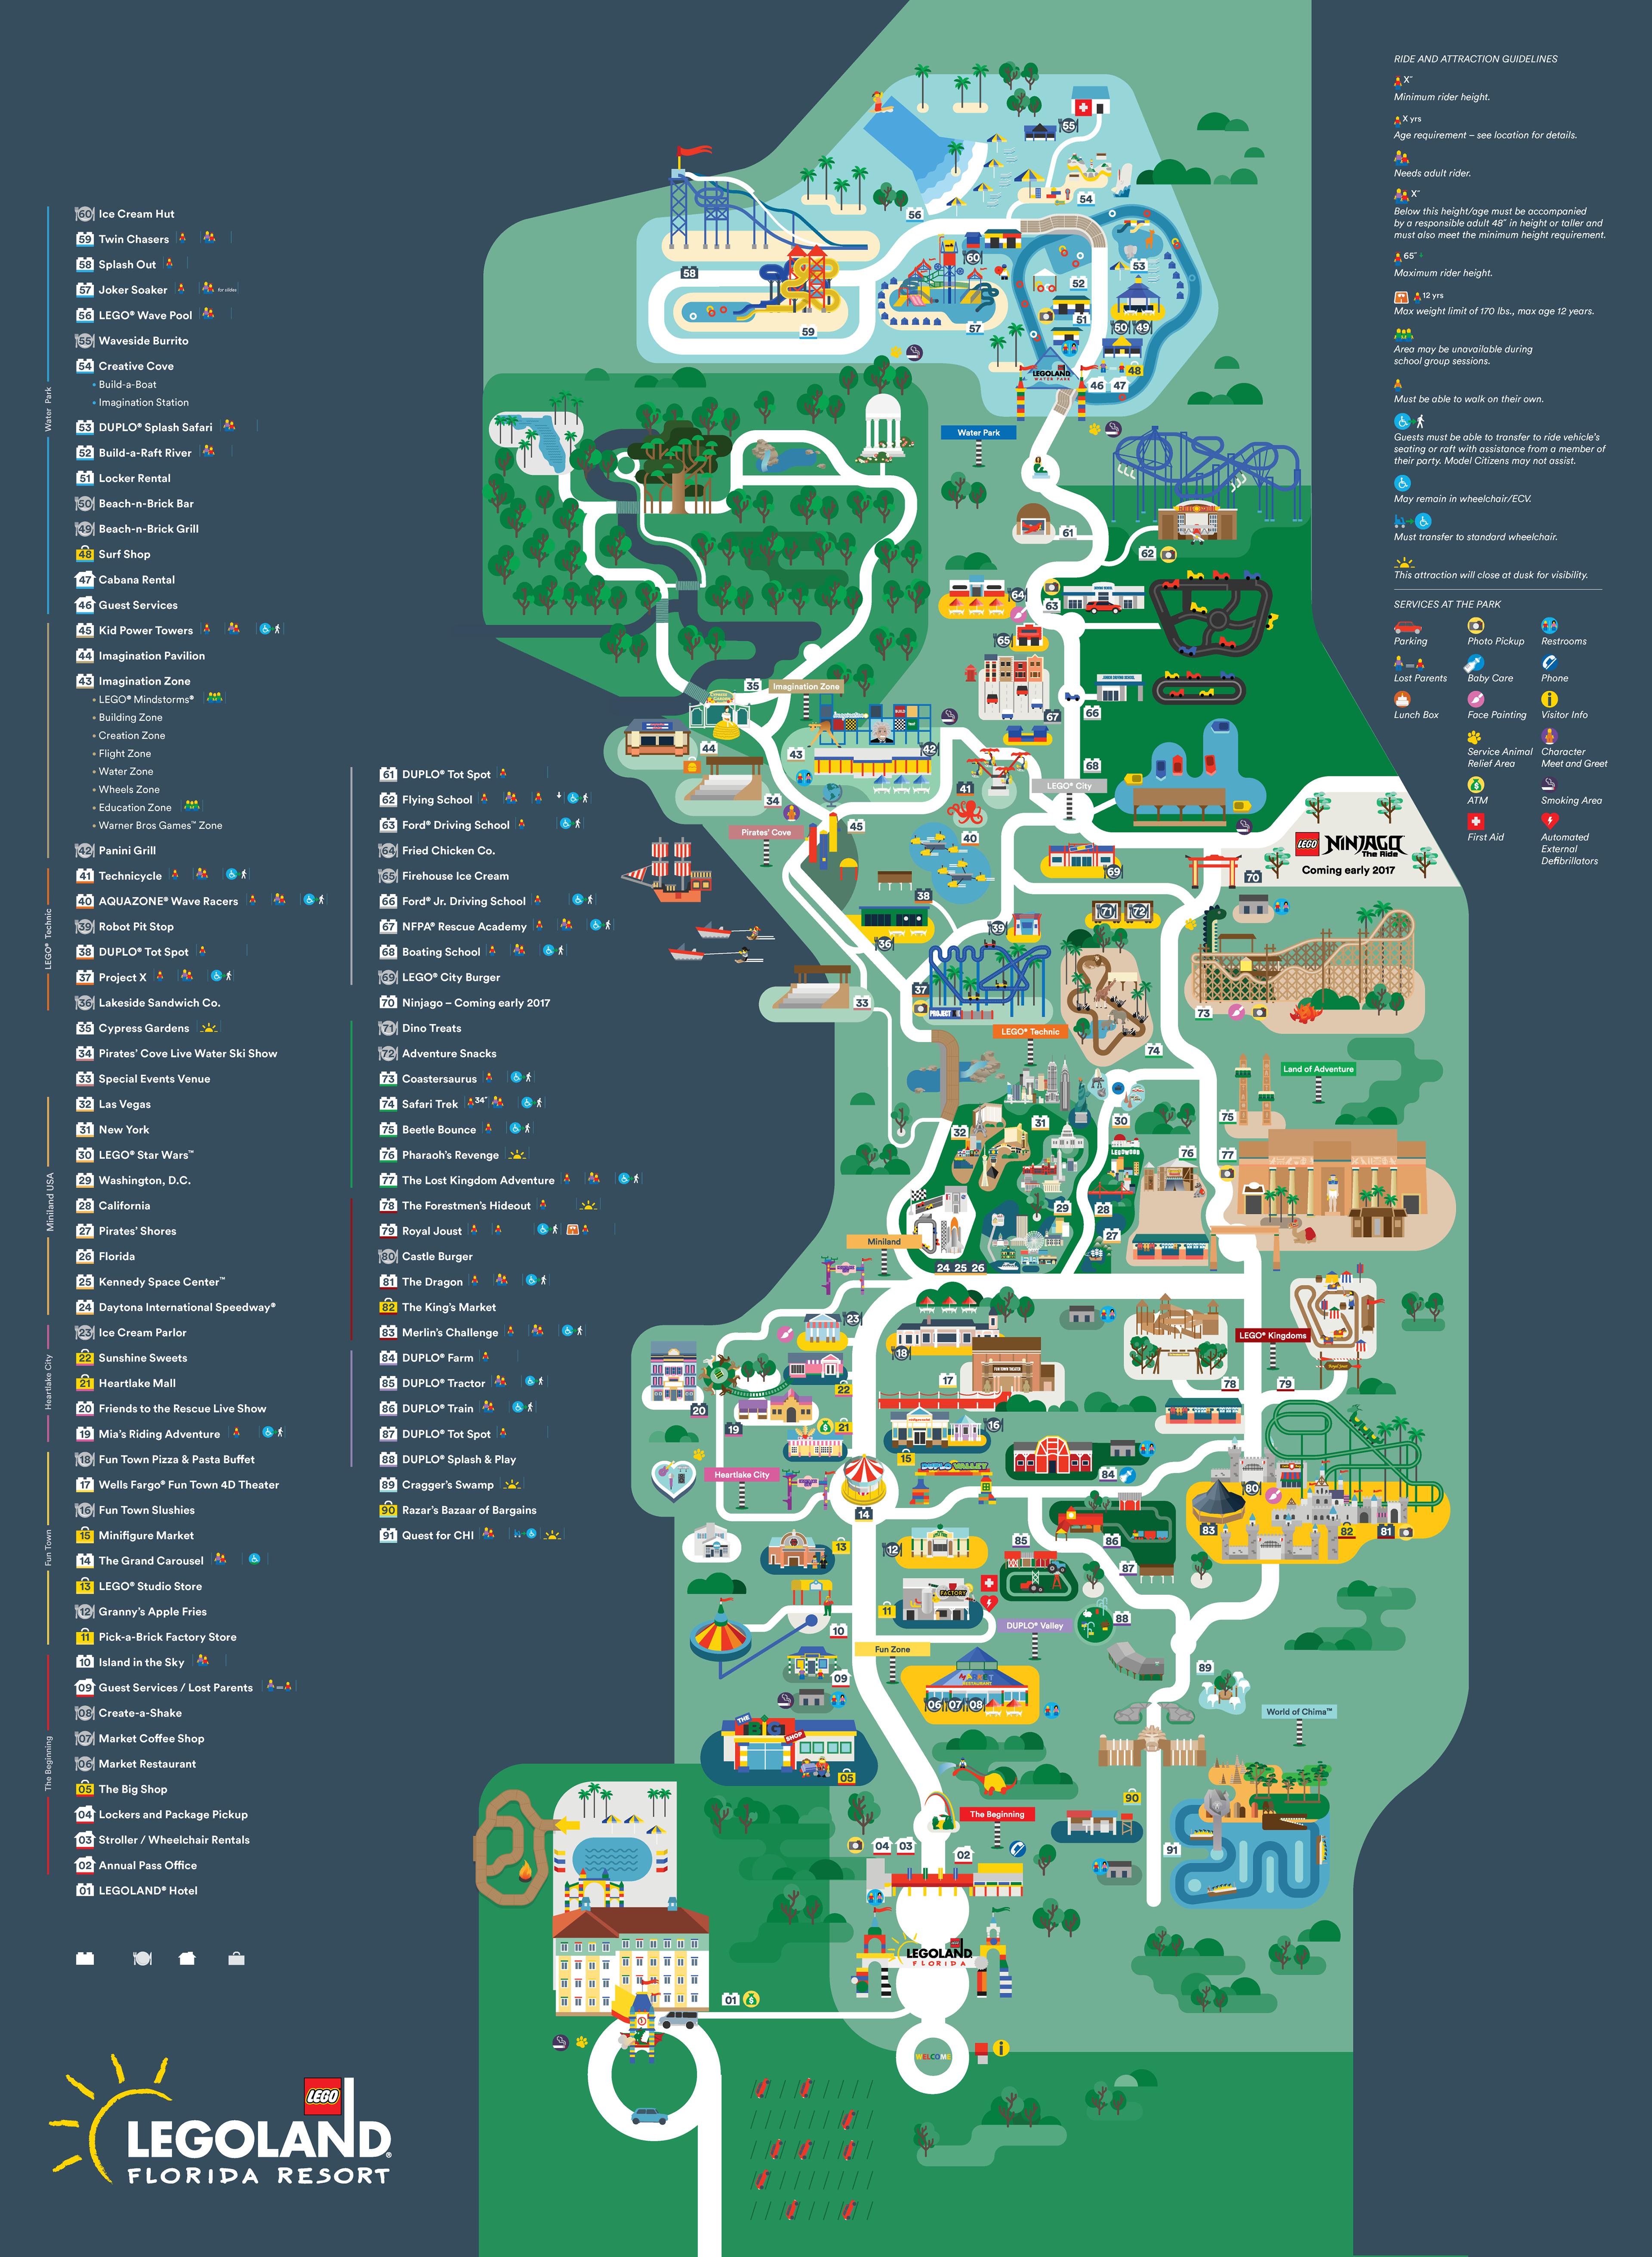 Legoland Florida map 2016 on Behance   Disney, one day, maybe ... on